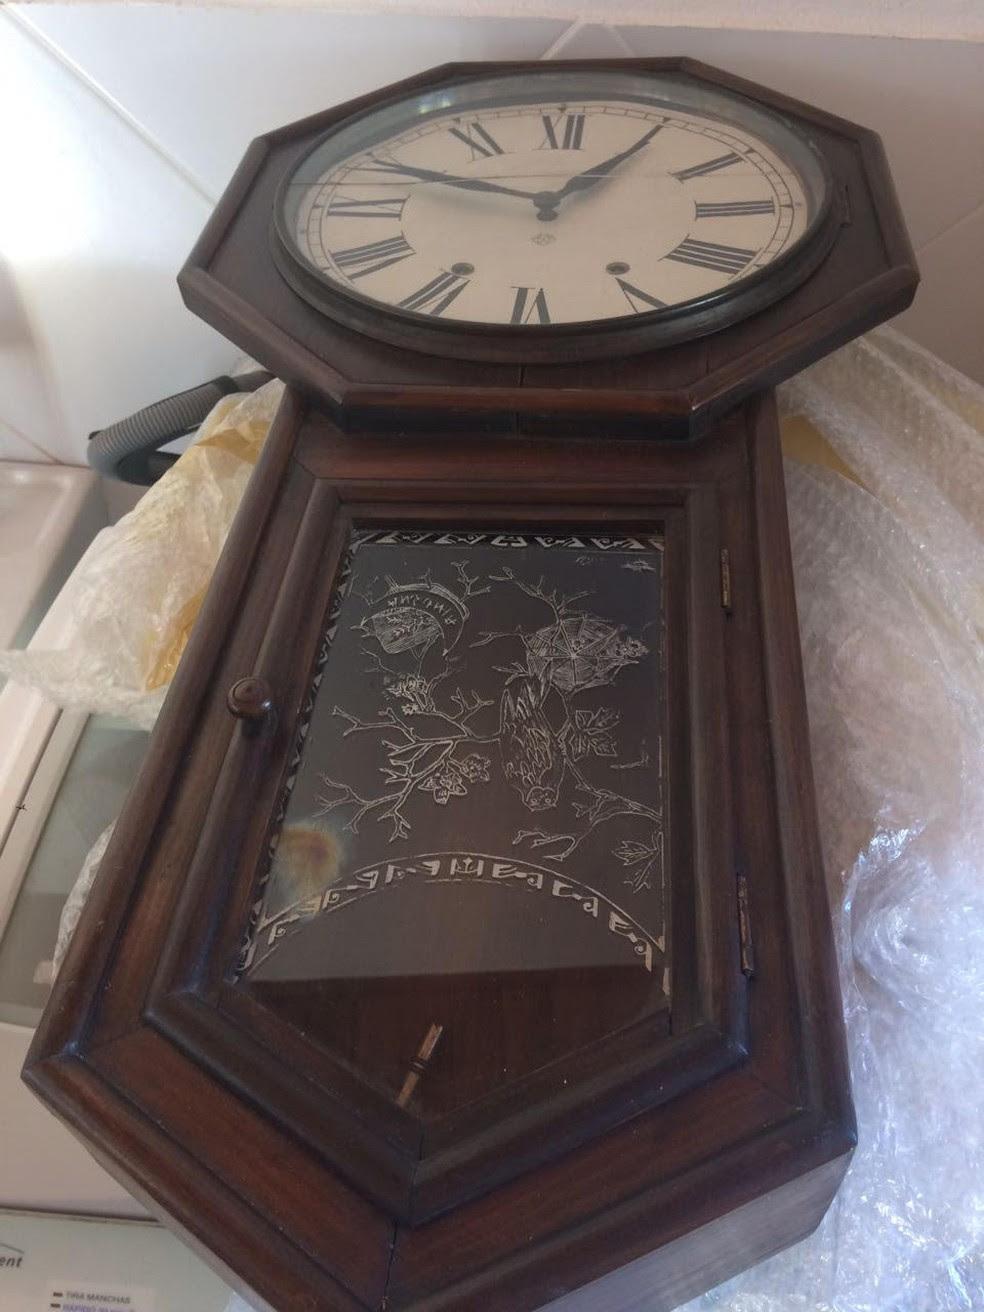 Relógio antigo está entre os bens que serão avaliados pela PF (Foto: Divulgação/MPF)